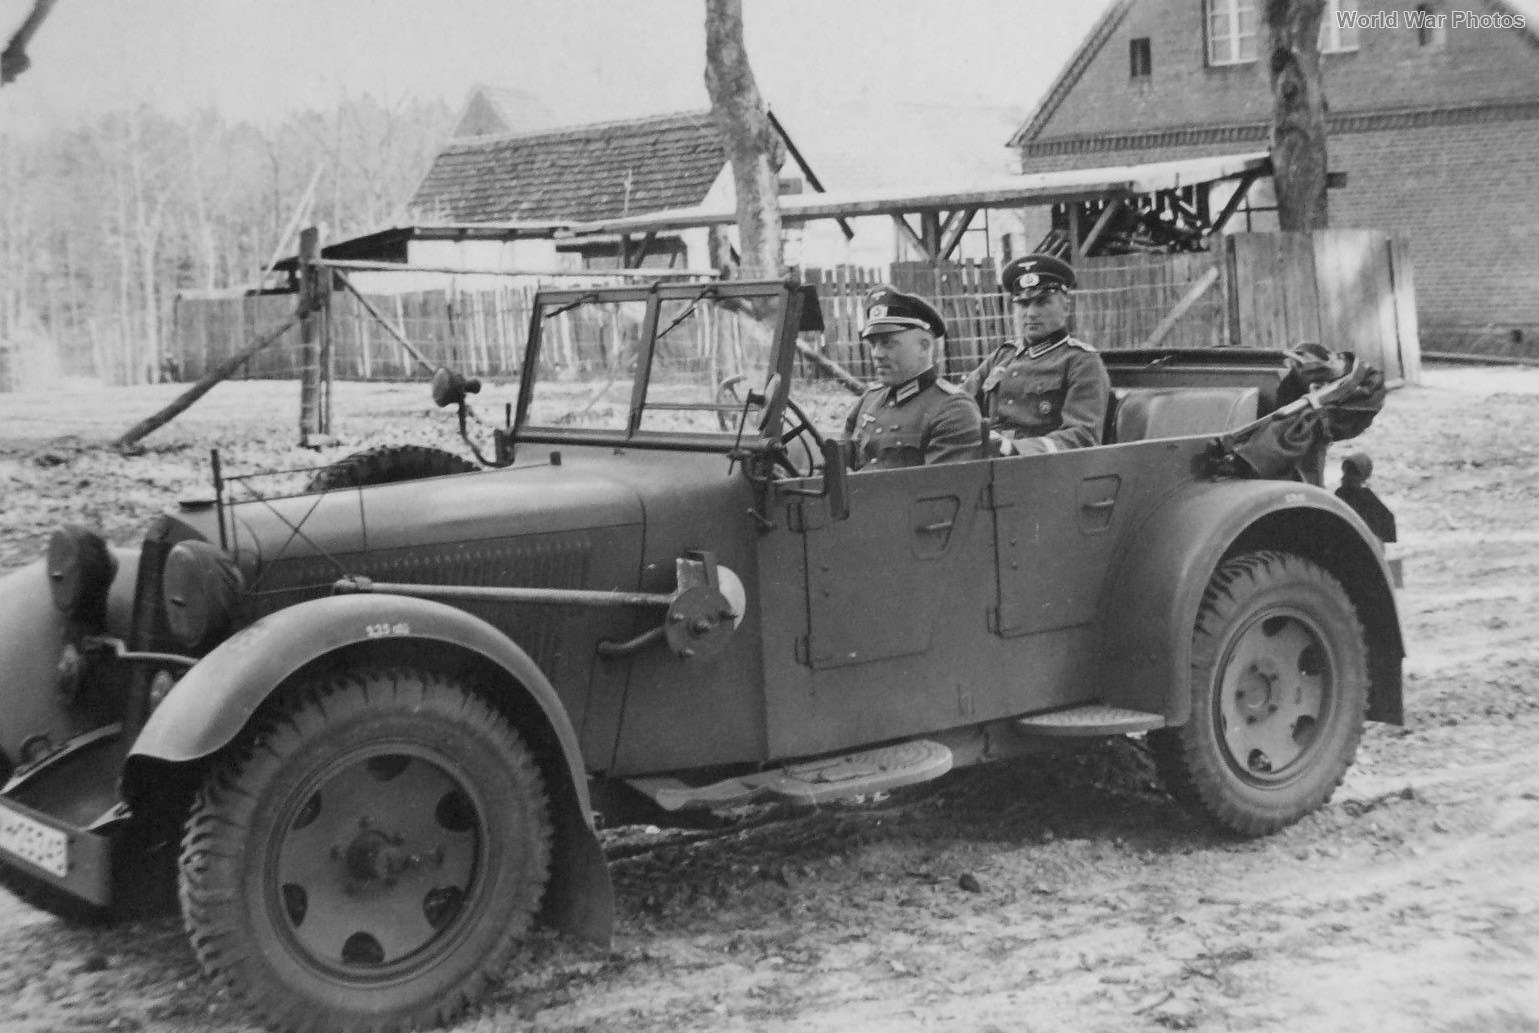 Kubelwagen 320 WK Bergen Norway 1940